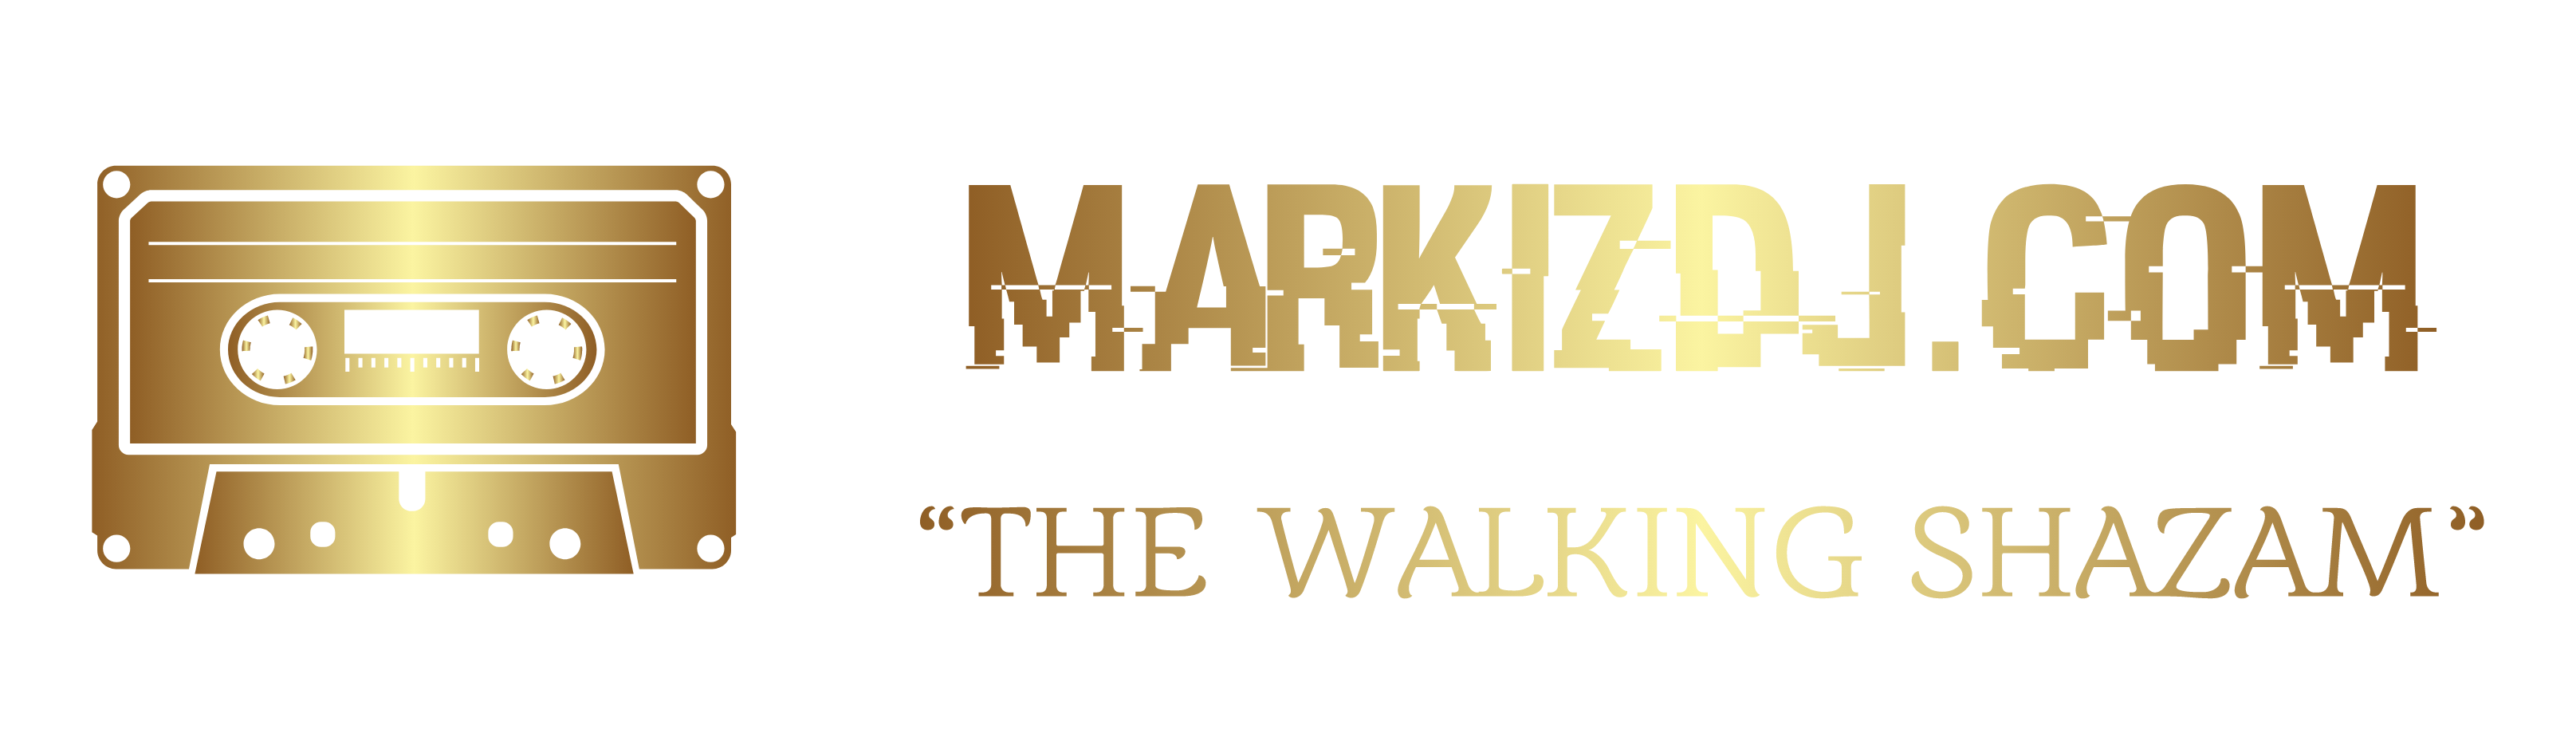 markizdj.com